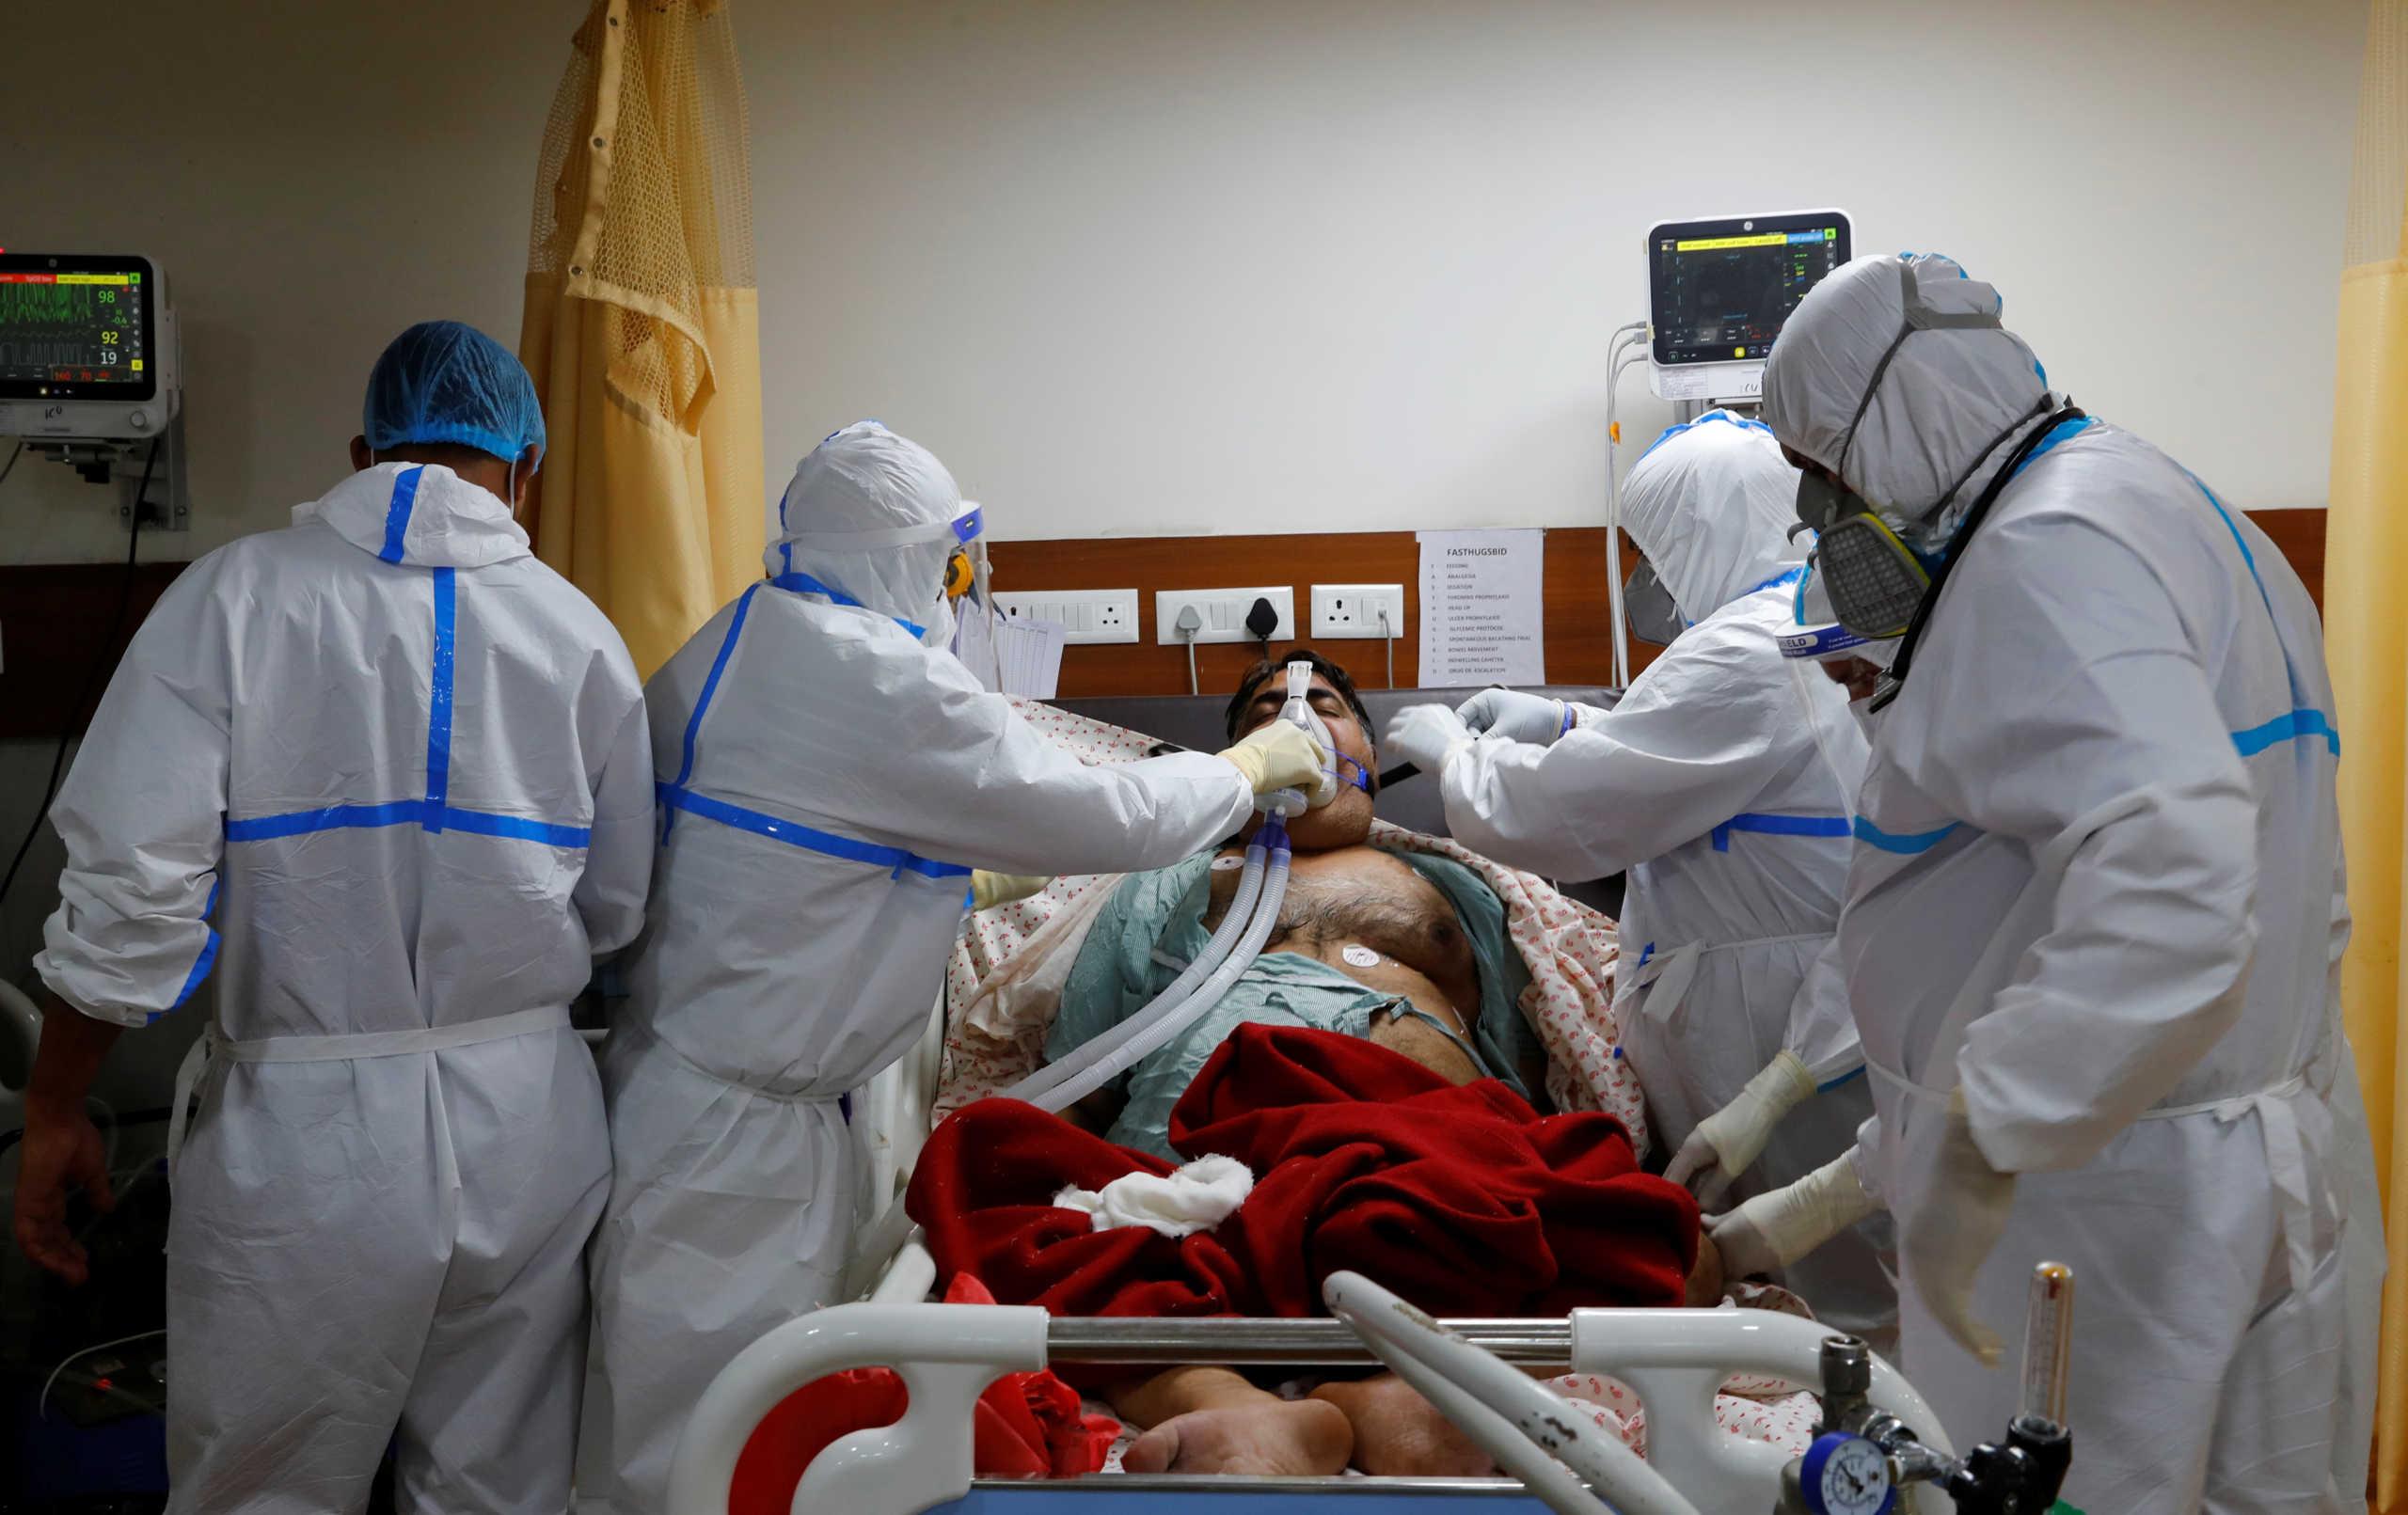 Ινδία: Ακόμα 45.148 κρούσματα κορονοϊού και 480 θάνατοι